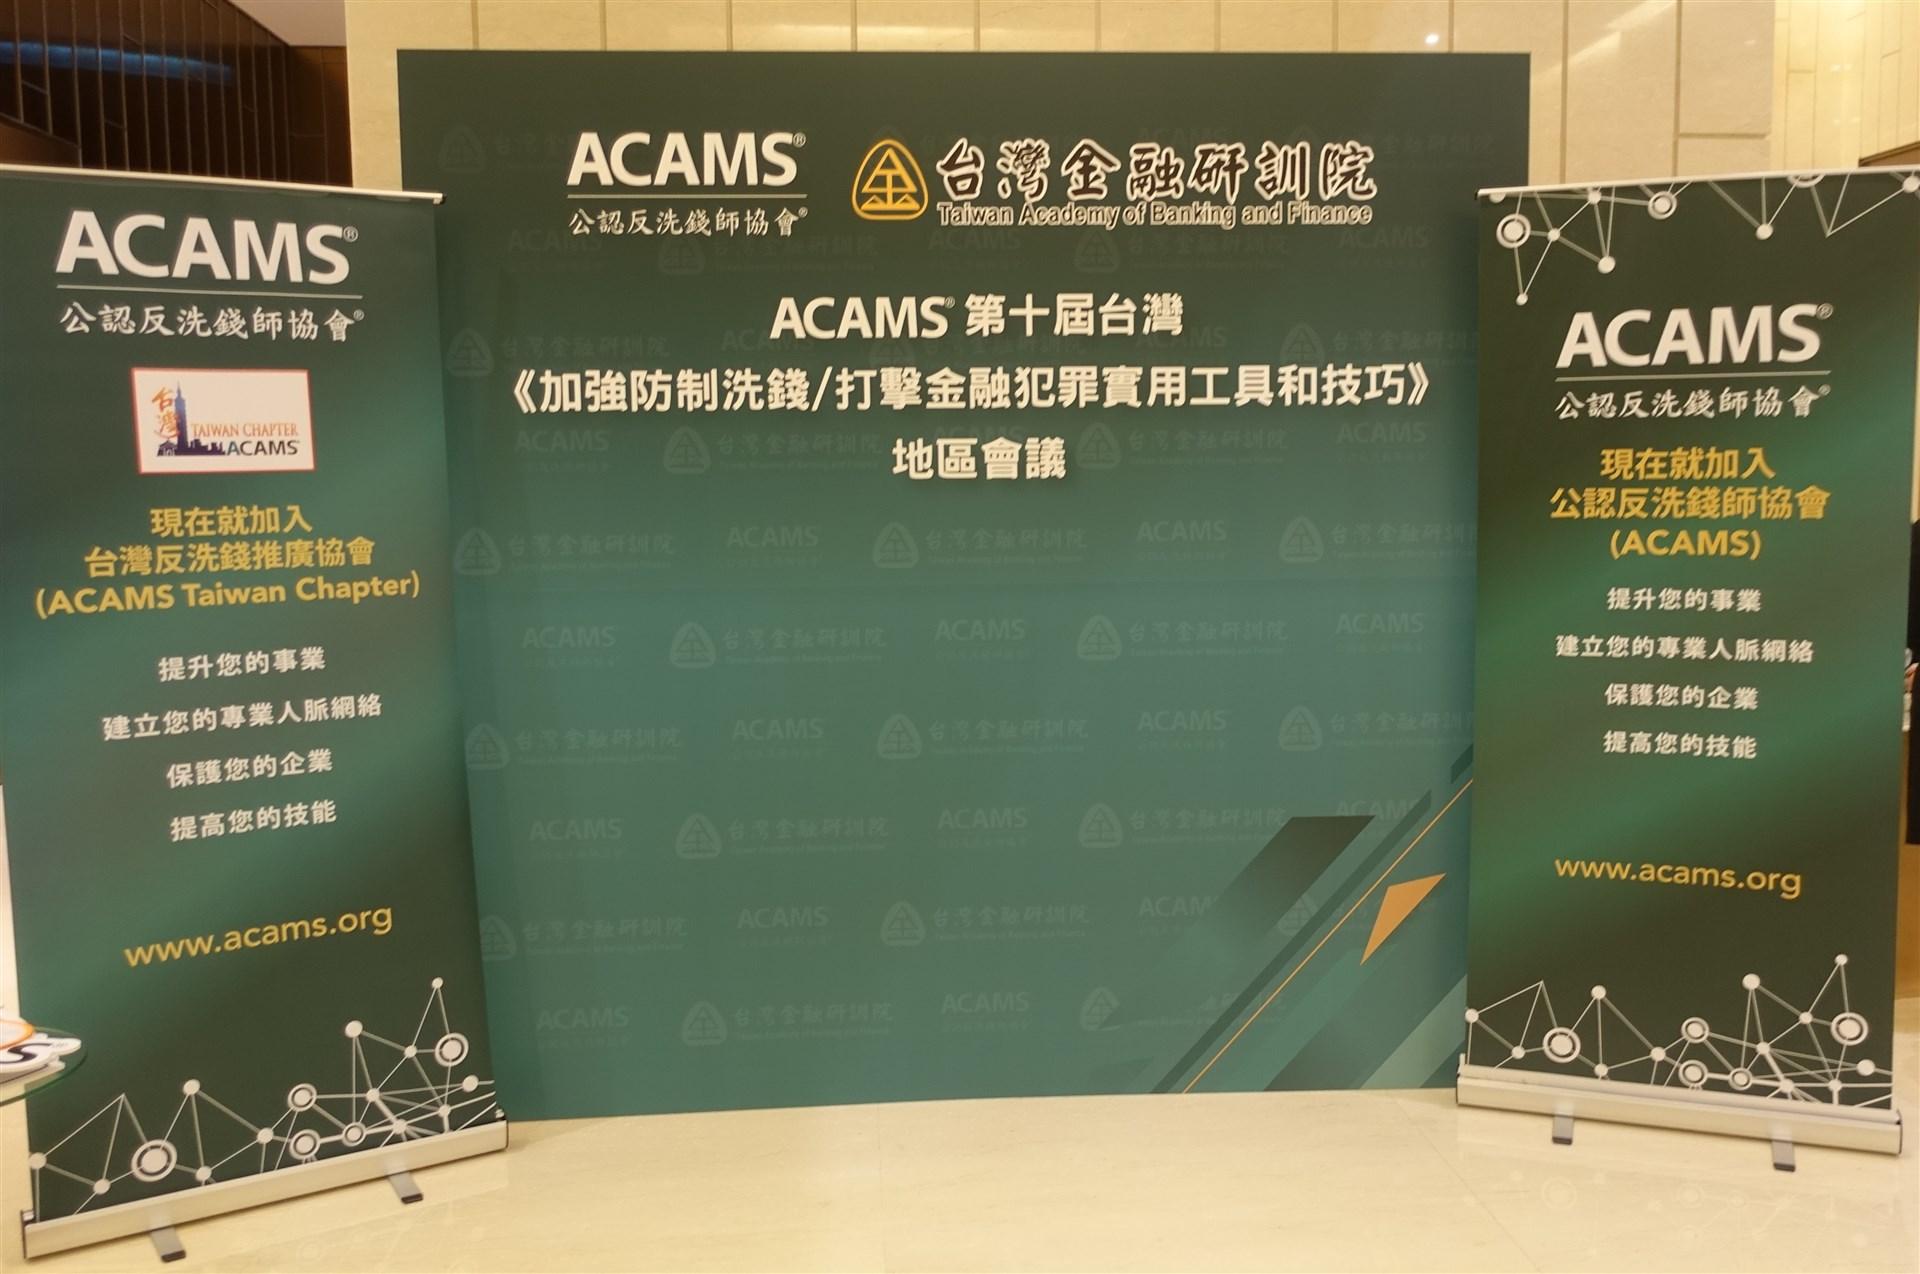 國際洗錢防制研討會